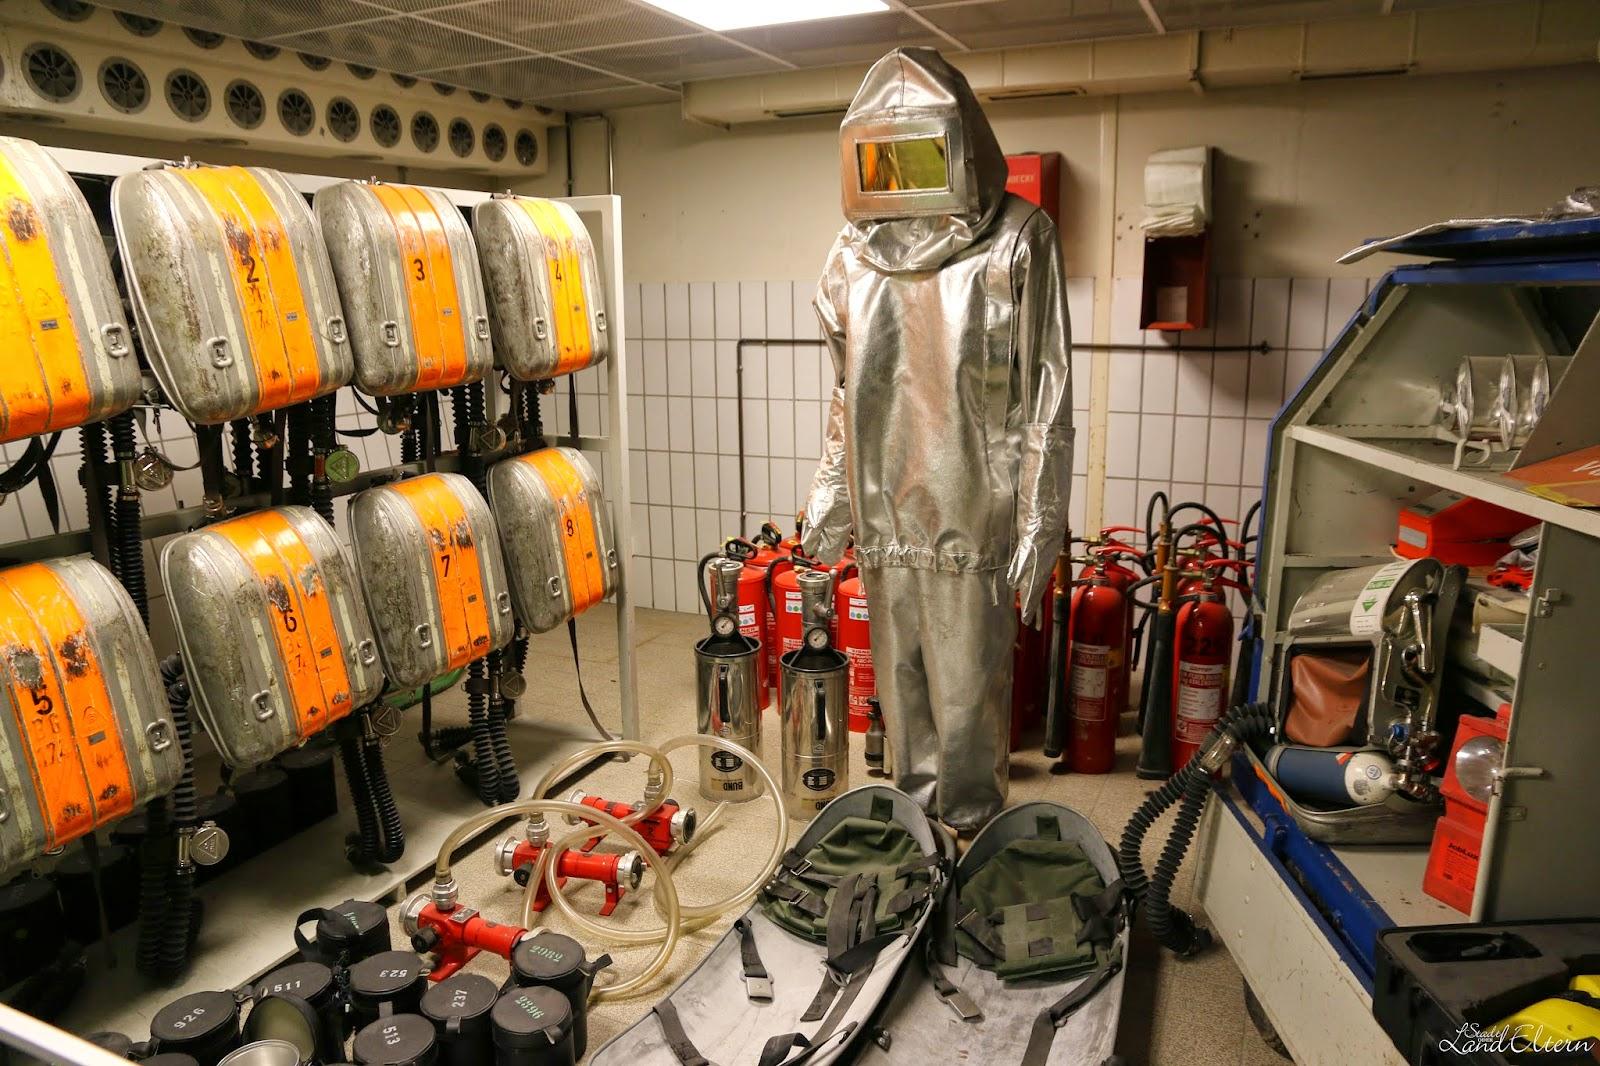 Dokumentationsstätte Regierungsstation Ahrweiler - Feuerwehr